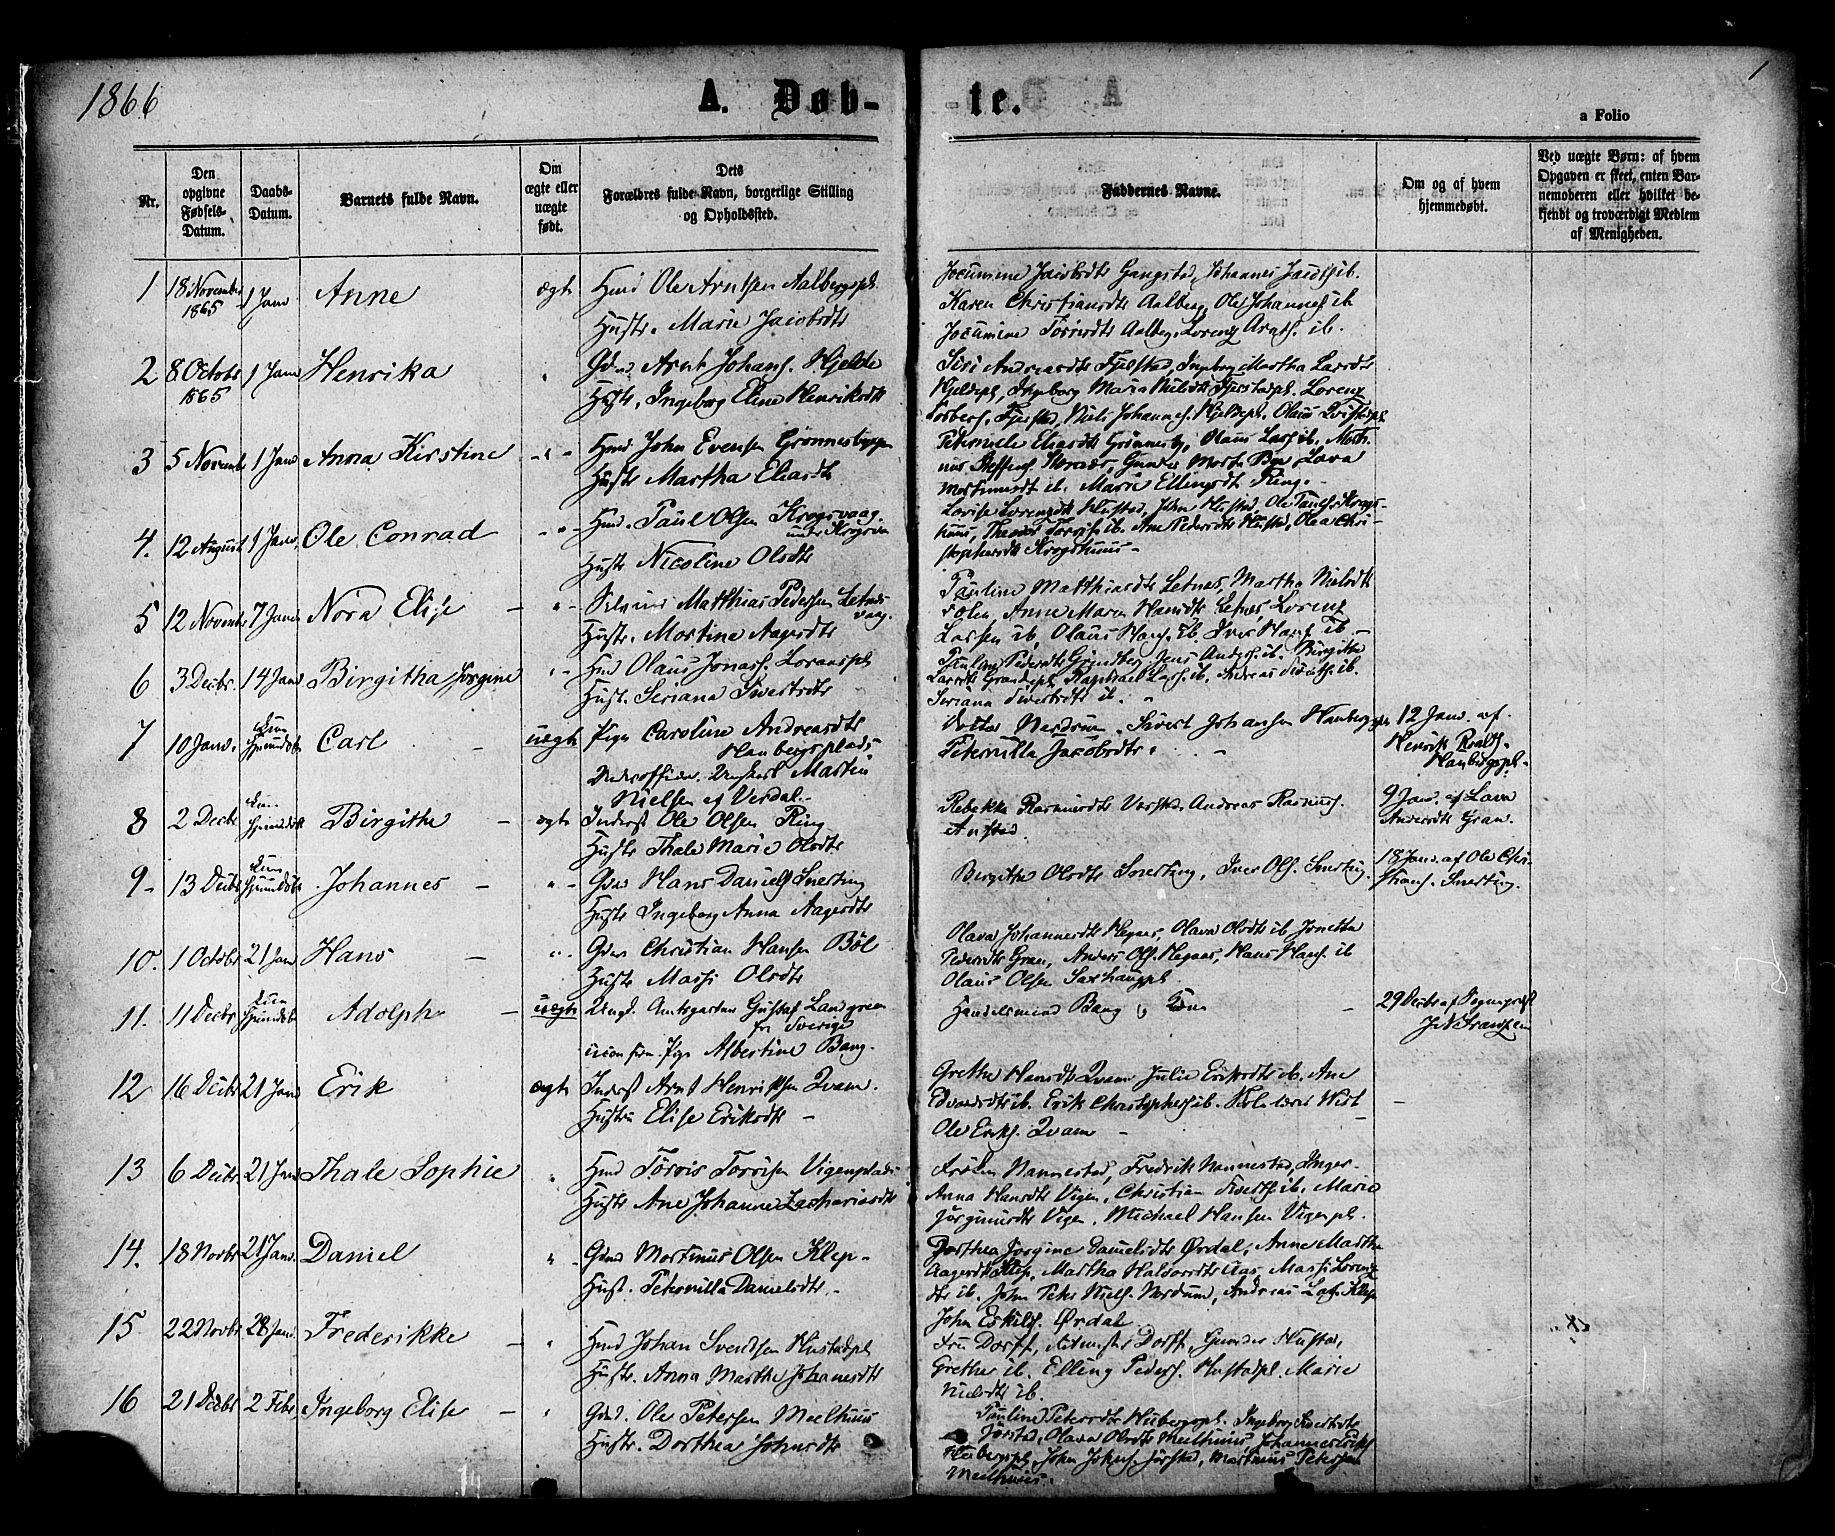 SAT, Ministerialprotokoller, klokkerbøker og fødselsregistre - Nord-Trøndelag, 730/L0284: Parish register (official) no. 730A09, 1866-1878, p. 1